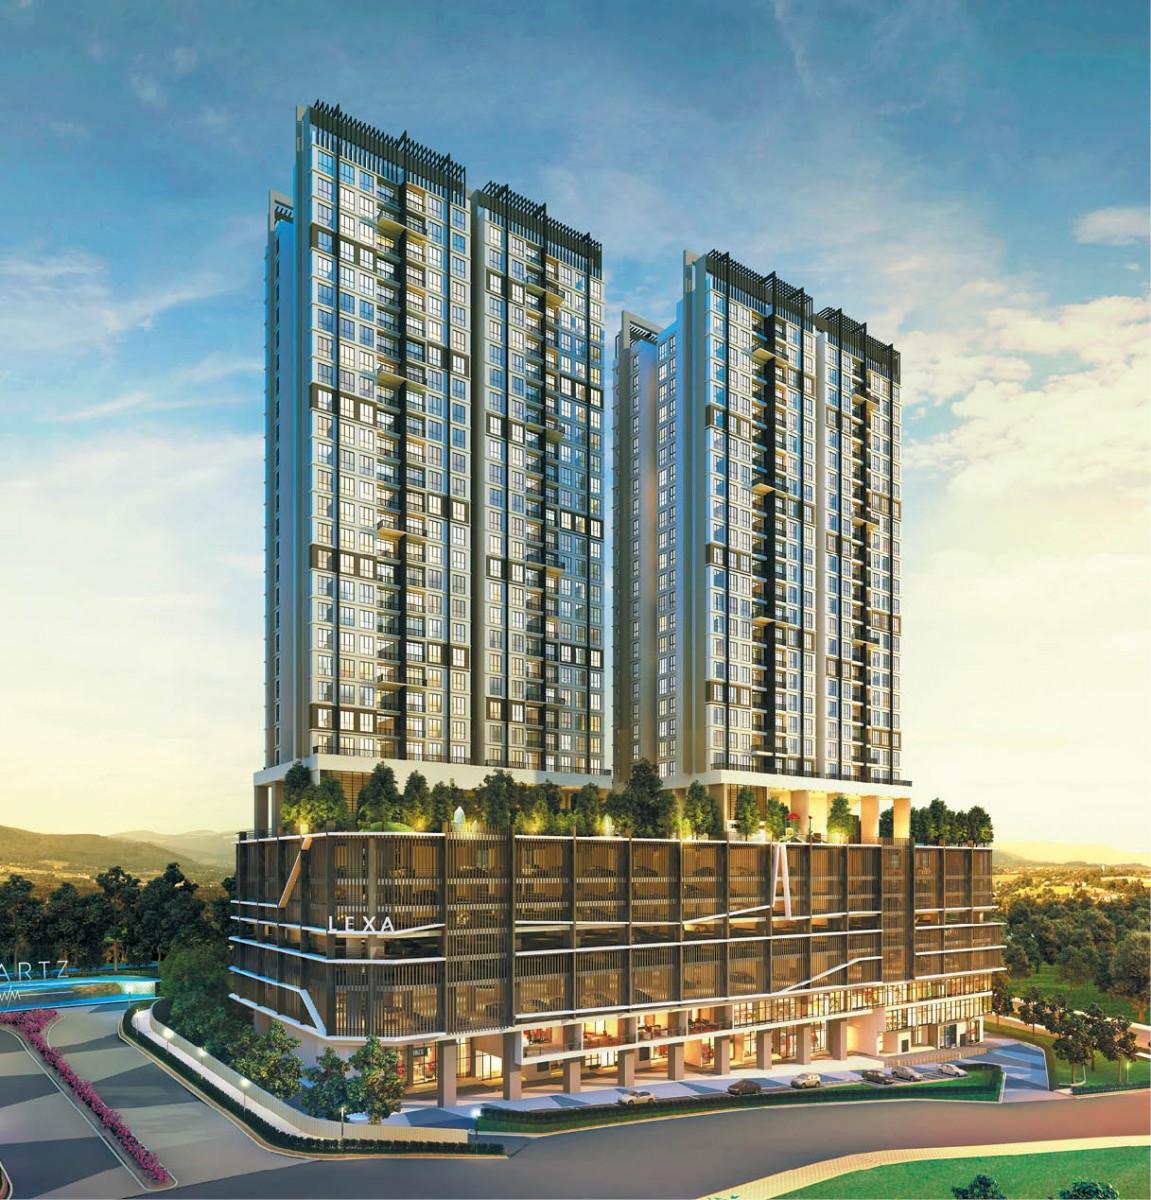 Fera Residemce Wamgsa Maju New Property Launch Malaysia